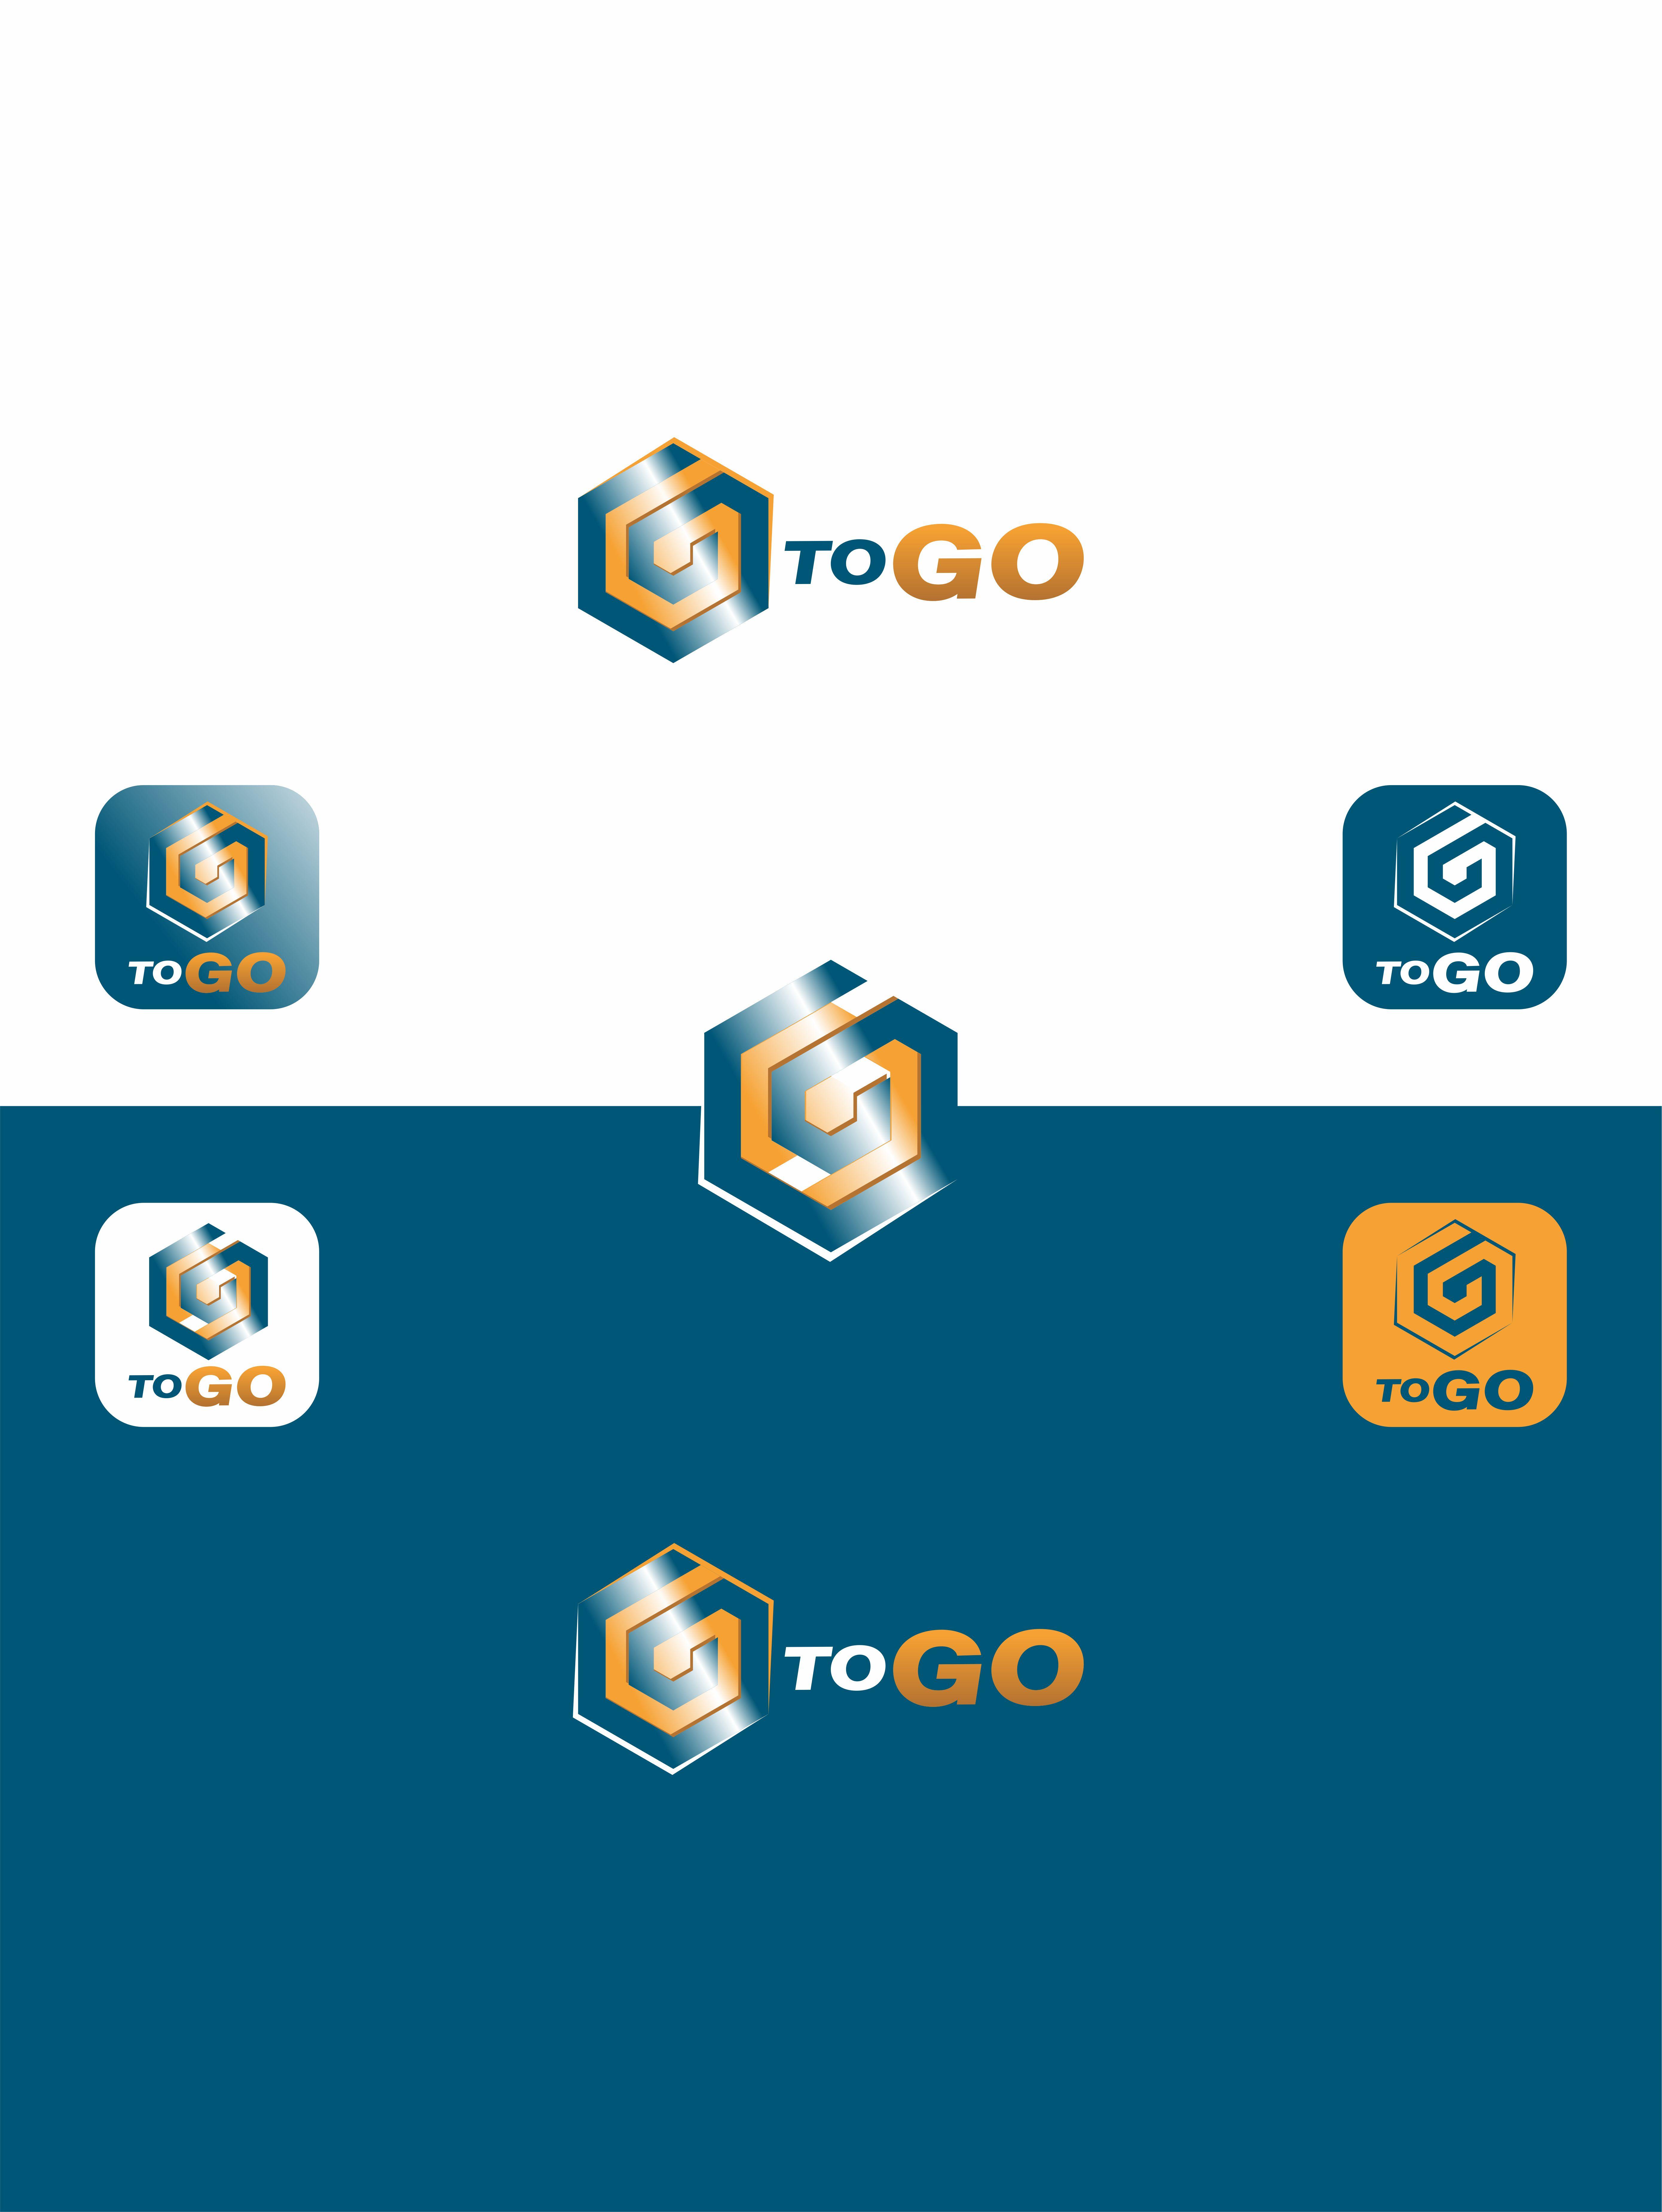 Разработать логотип и экран загрузки приложения фото f_4855a86da7e5a2f0.jpg